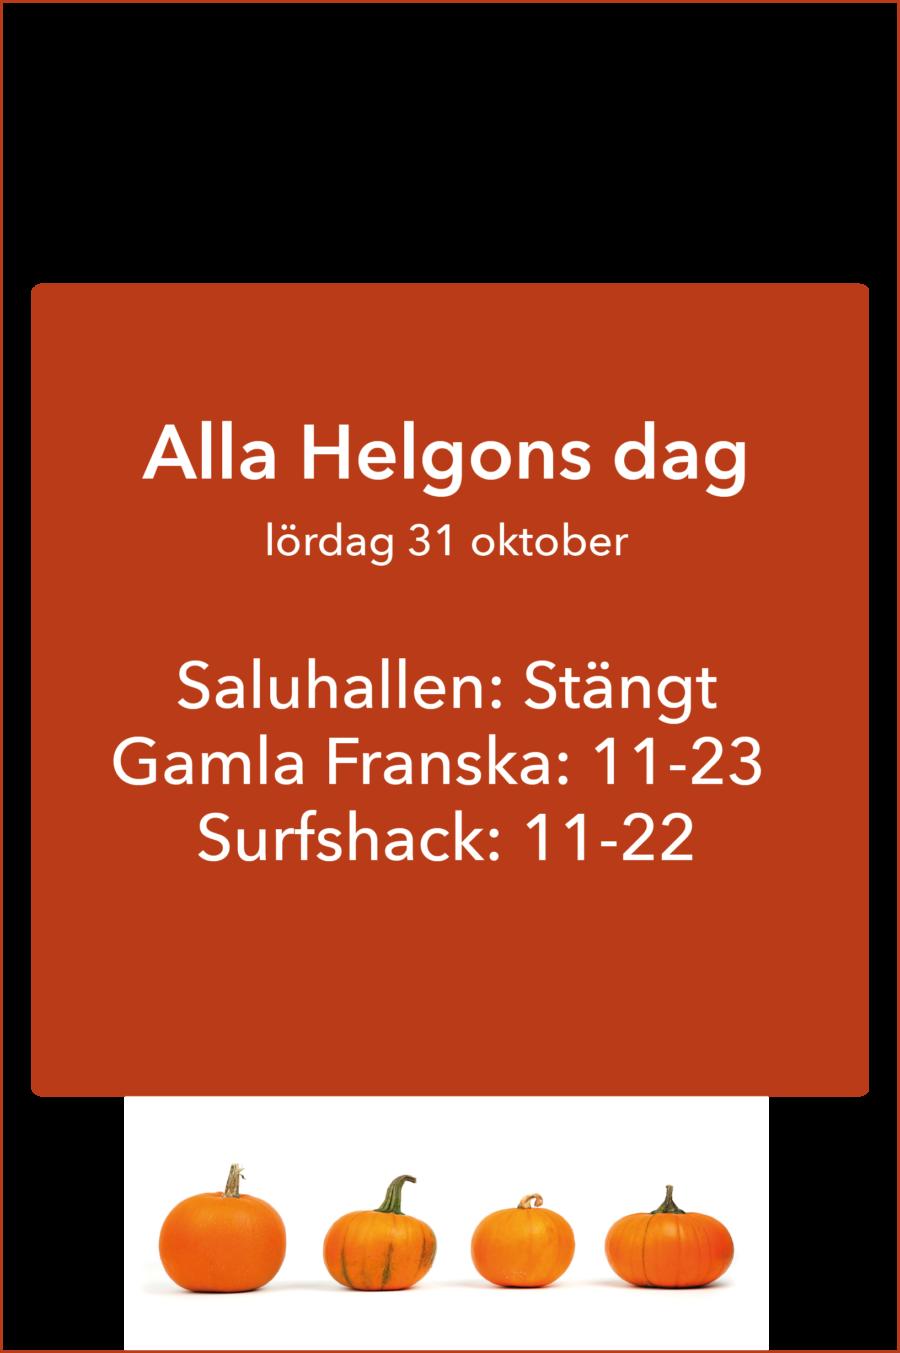 Öppettider Alla Helgons Dag